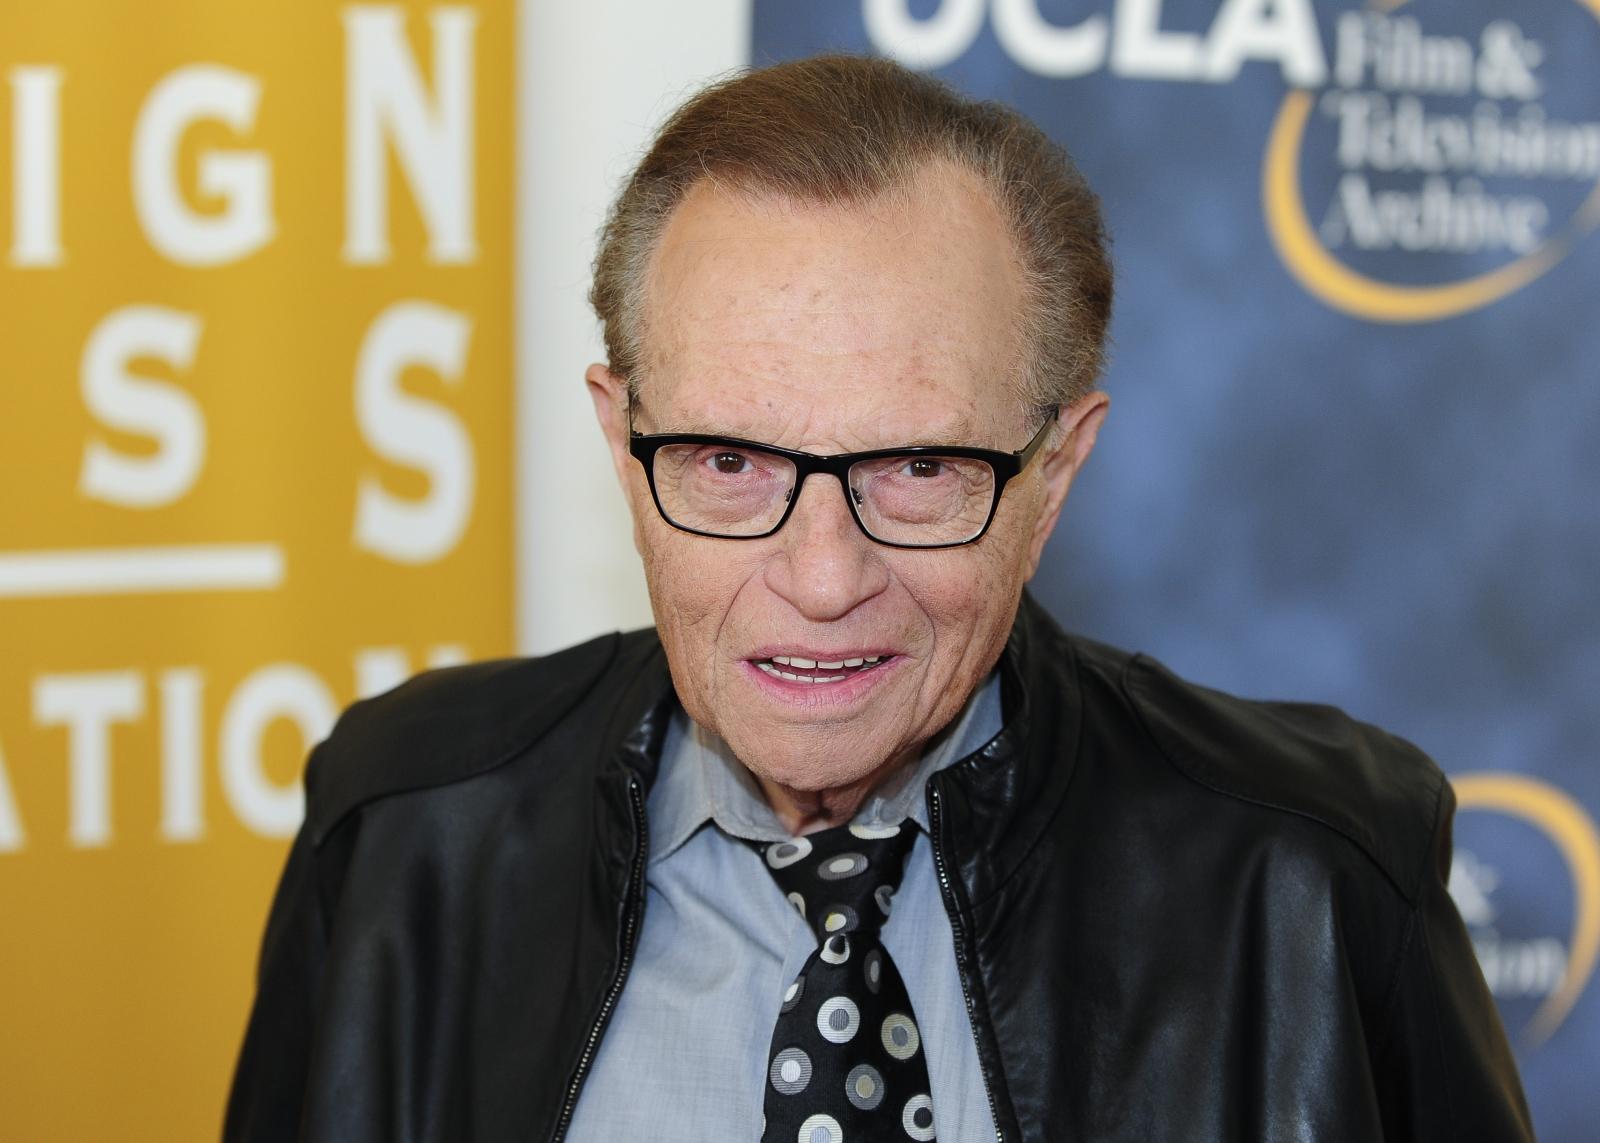 Larry King - Legendary TV Host